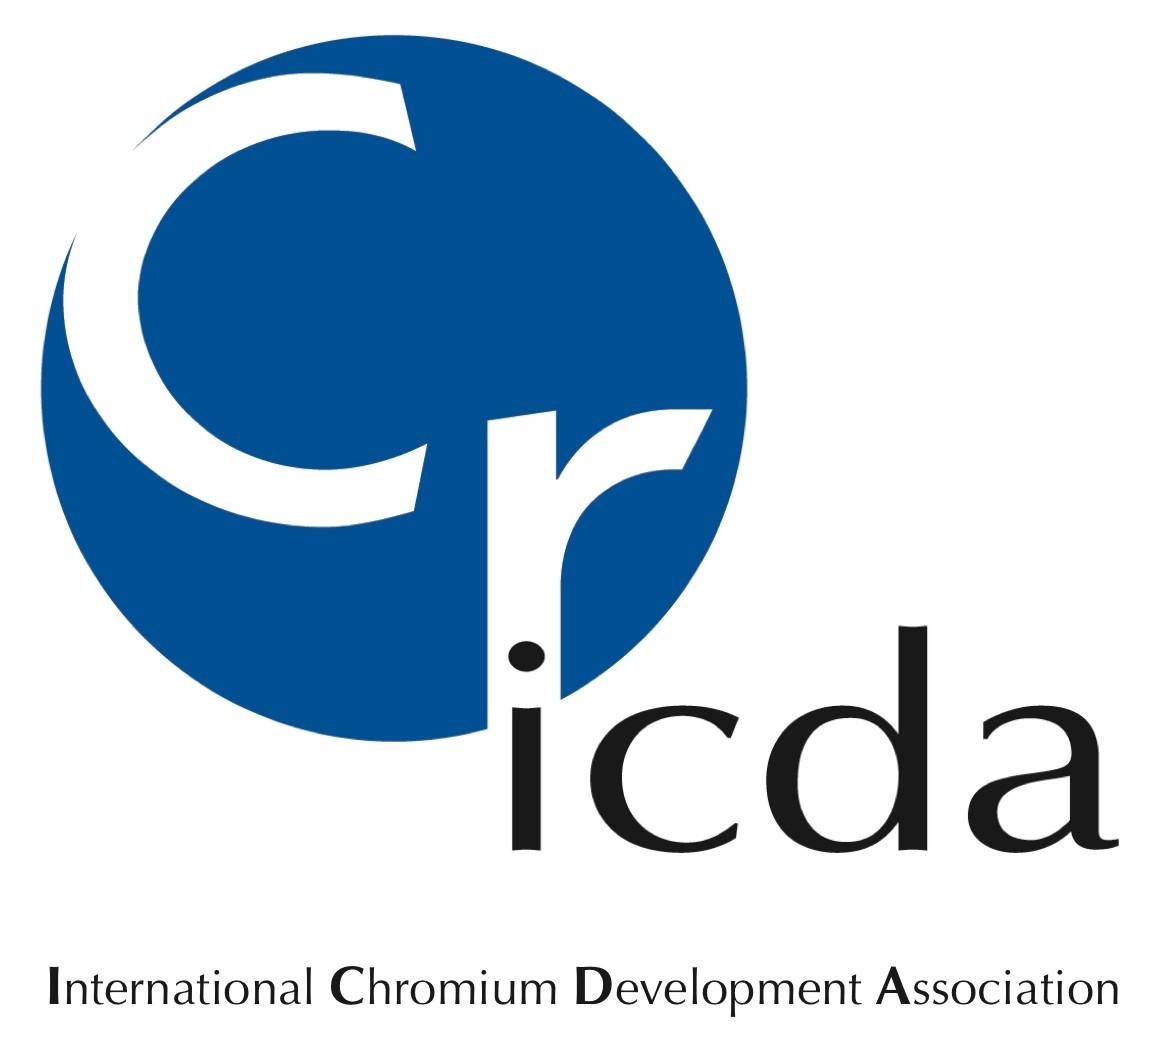 Logo: Cricda - International Chromium Development Association